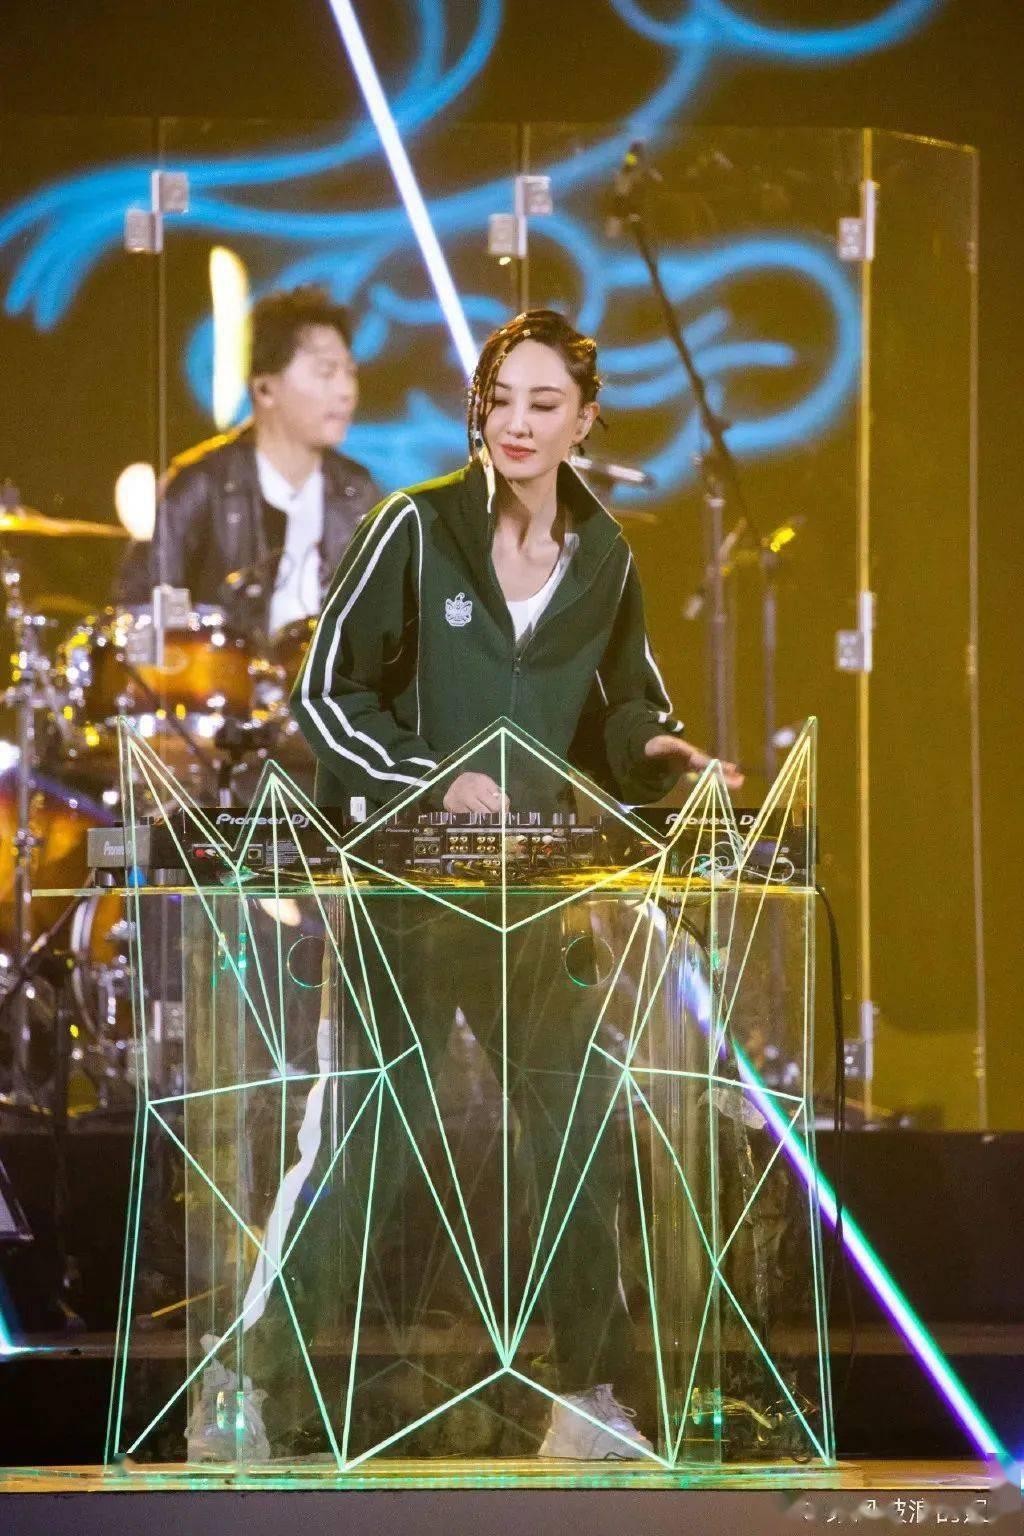 你只看到了郑希怡的唱跳?她的小脏辫不值得出圈吗!插图(3)